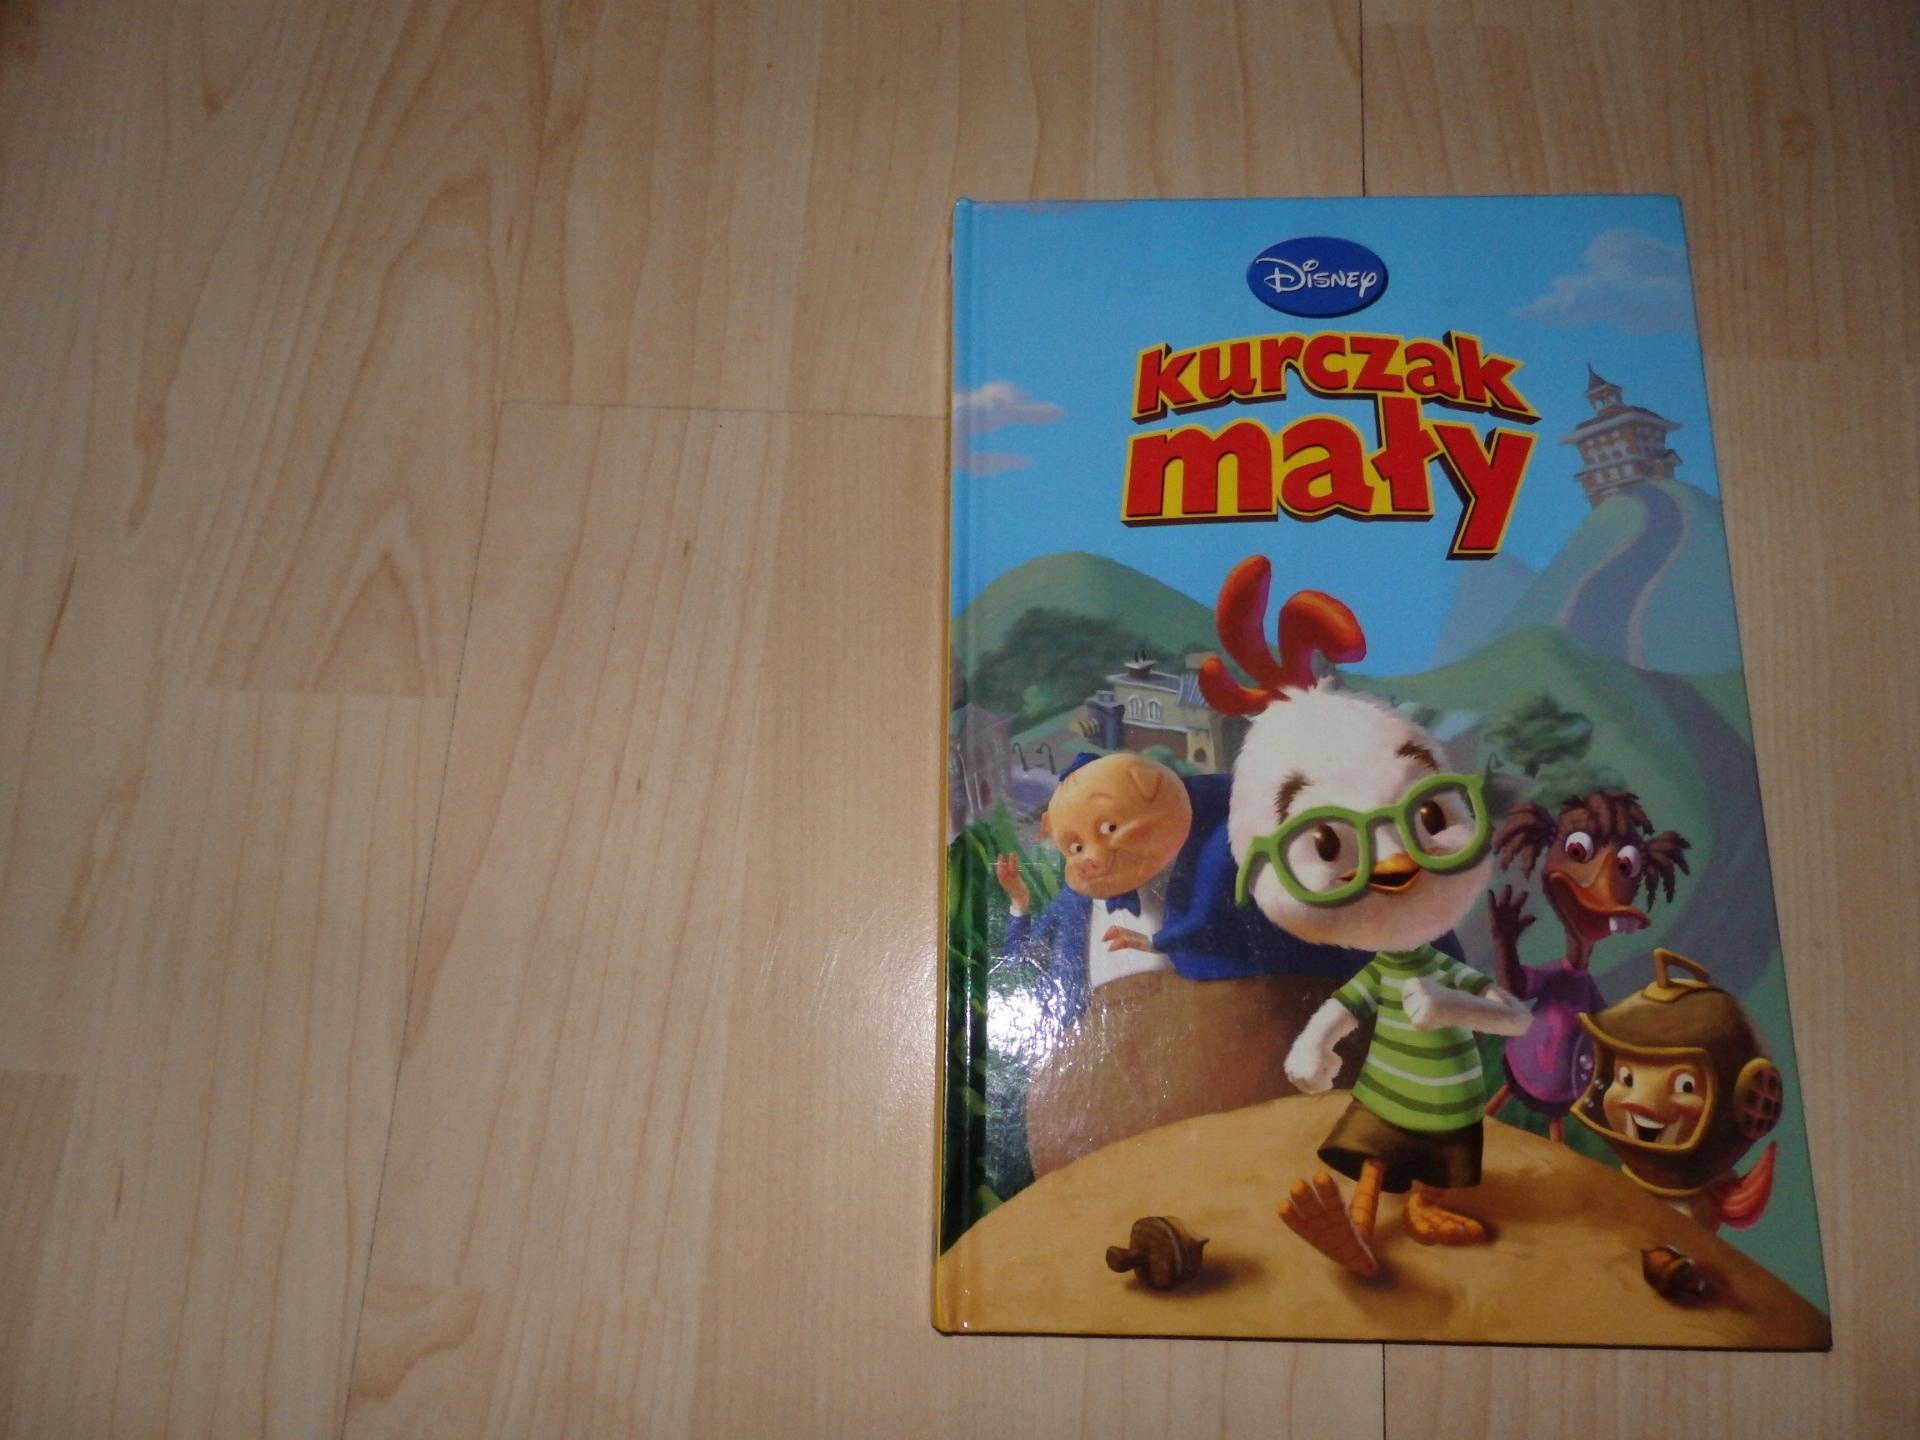 Kurczak Maly Klub Ksiazek Disney Bajki 7442268302 Oficjalne